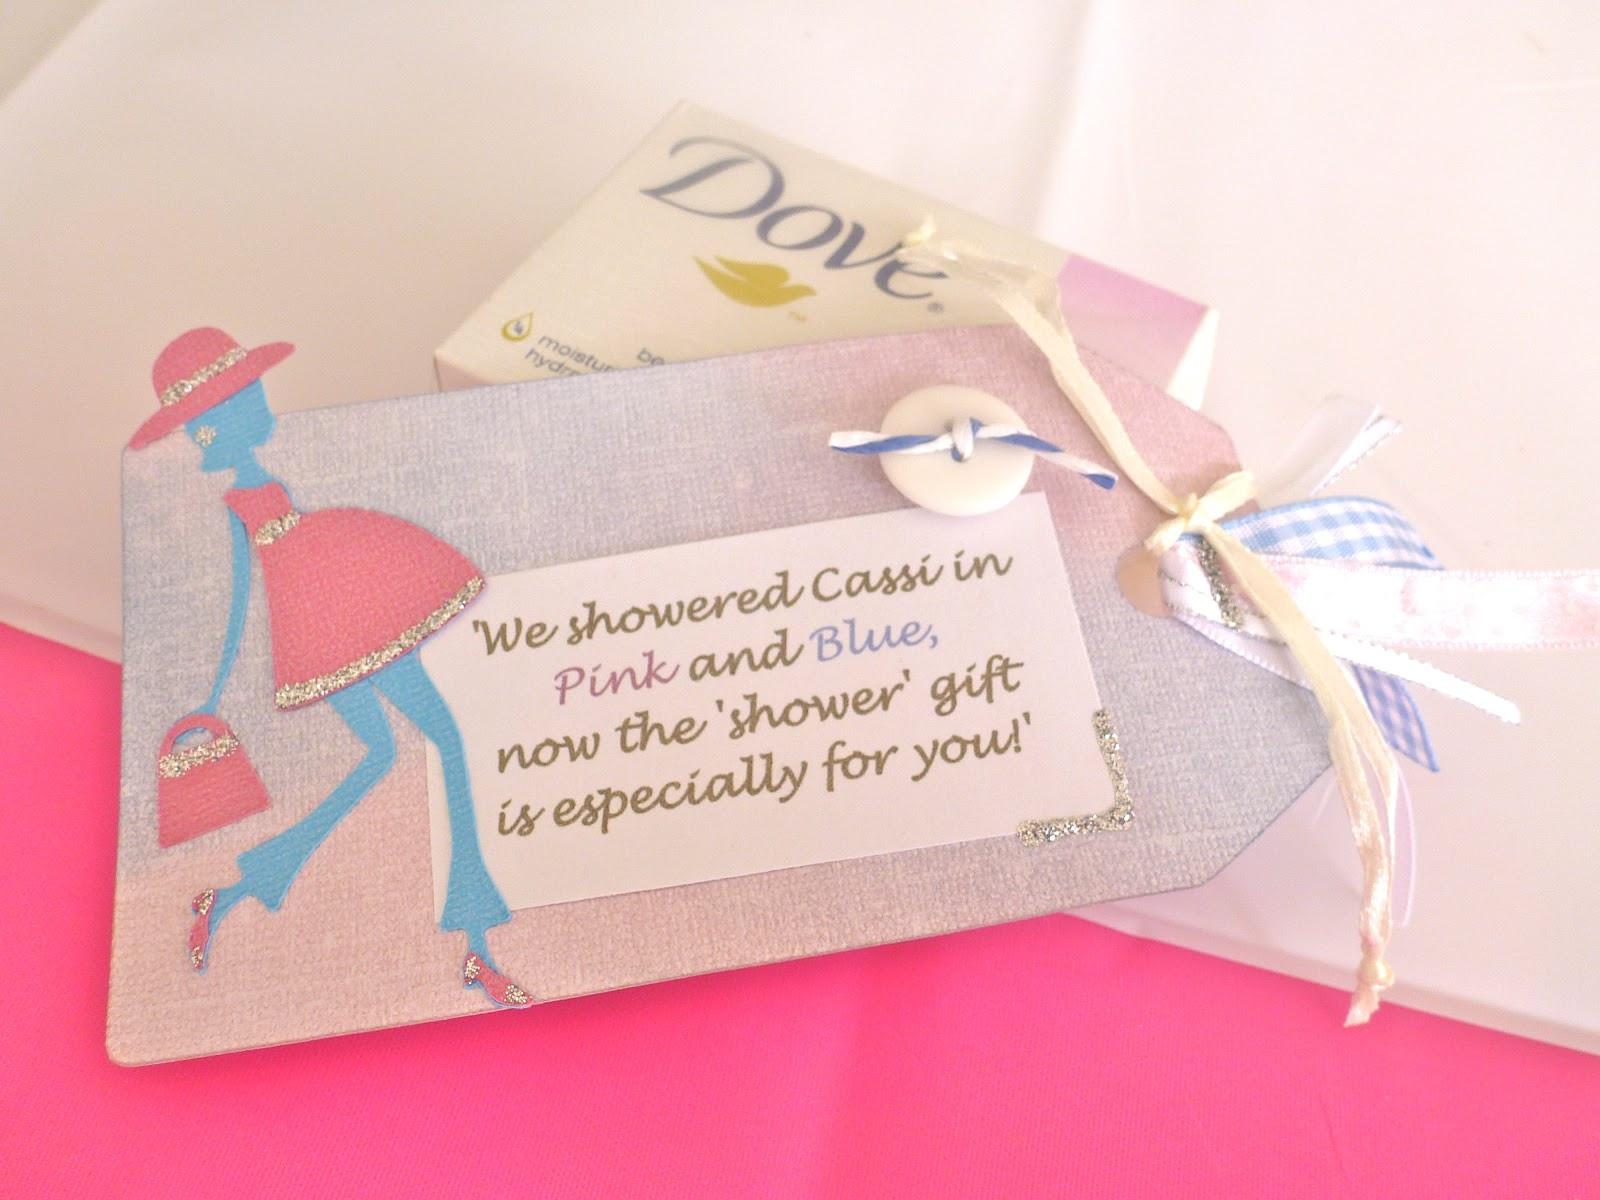 Thank You Gift Ideas For Baby Shower  Cassadiva My Baby Shower Thank You Gifts Part 4